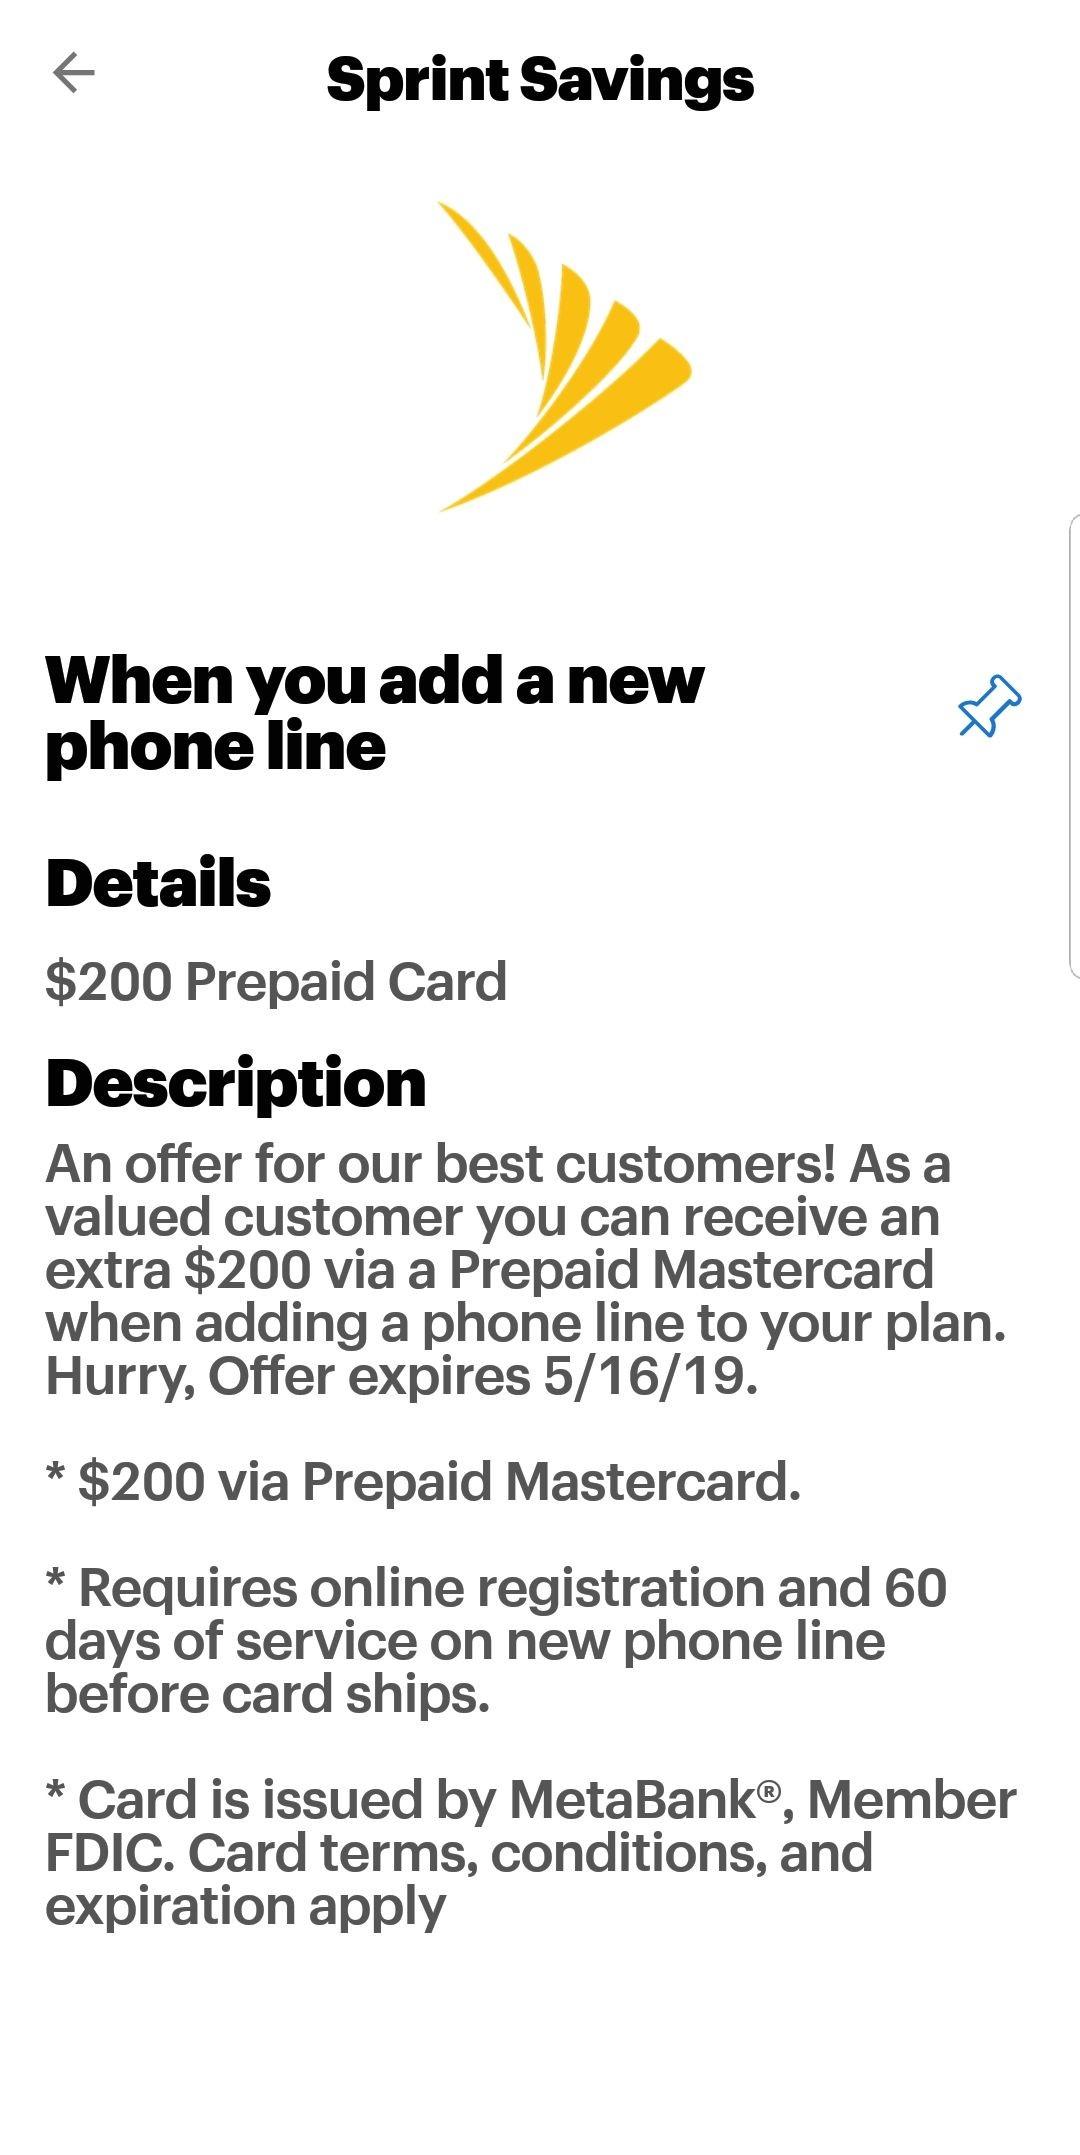 Sprint Savings: $200 Prepaid Card when you add a new line